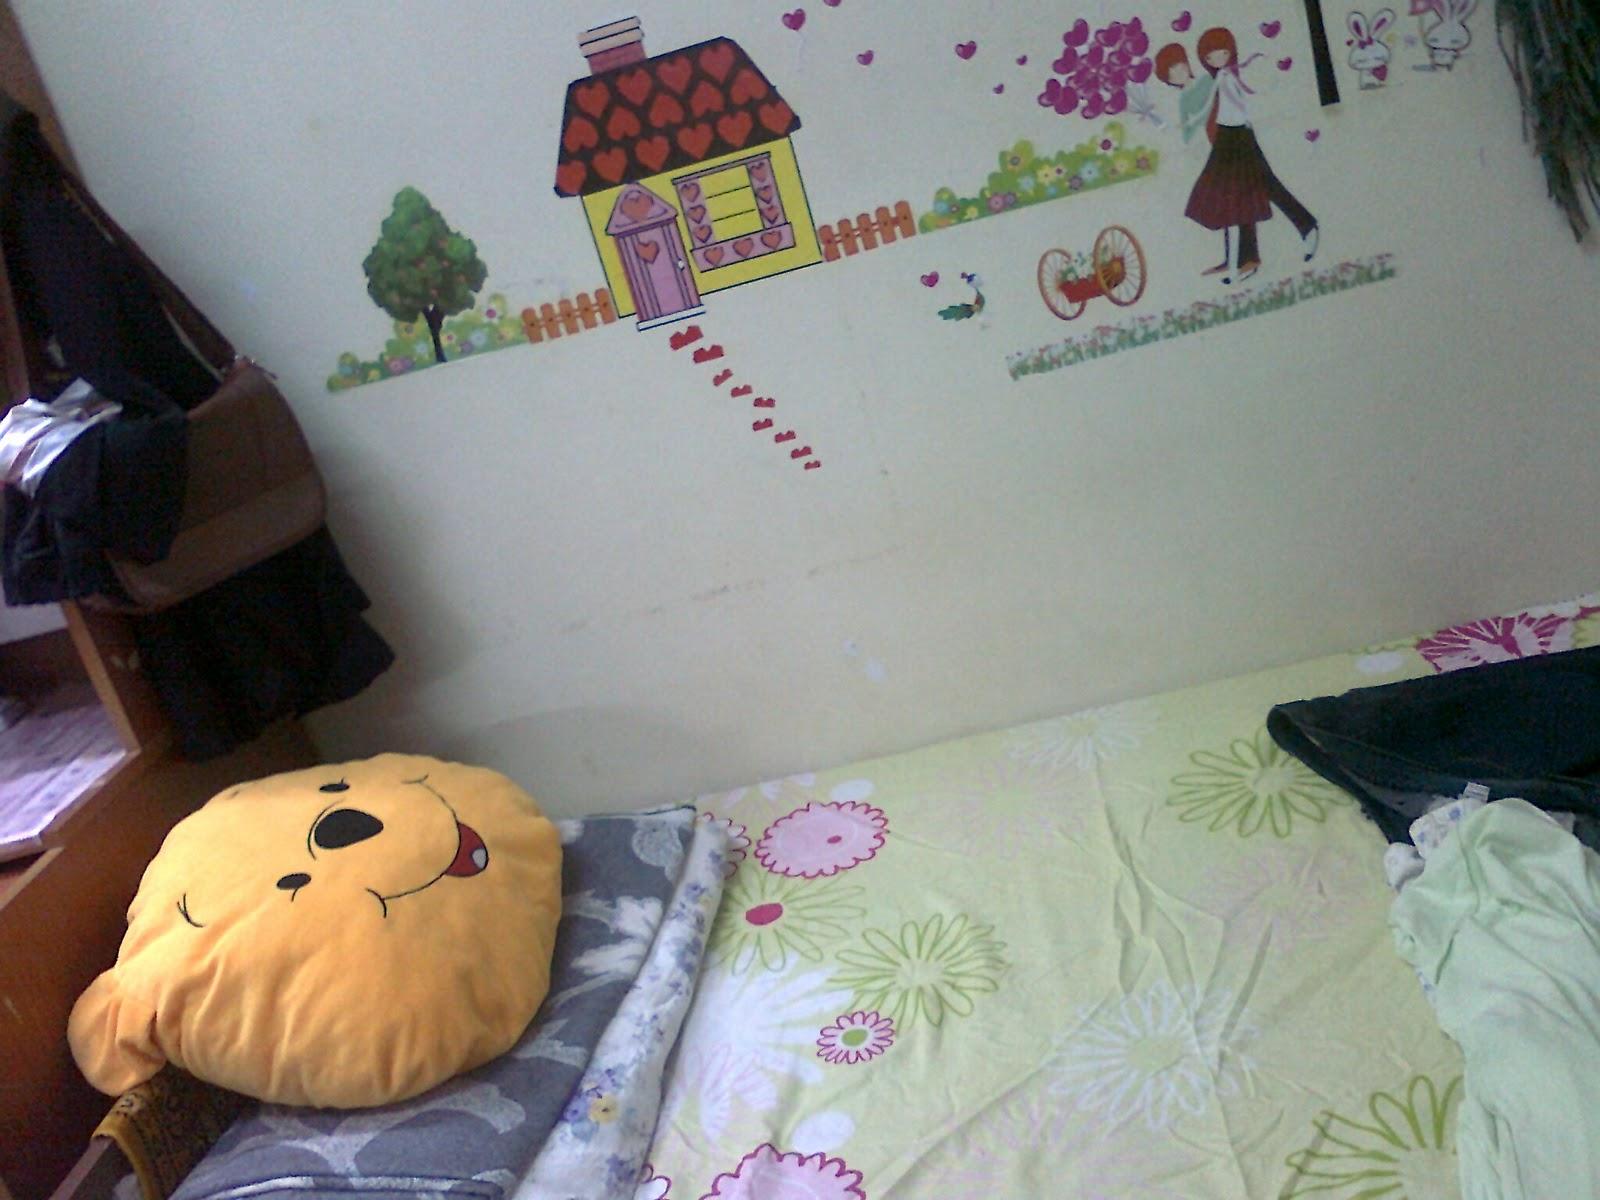 http://1.bp.blogspot.com/-eWMcOC-CEbM/To2nL2O0bGI/AAAAAAAAA20/sgsKIoqOmbU/s1600/Photo1835.jpg